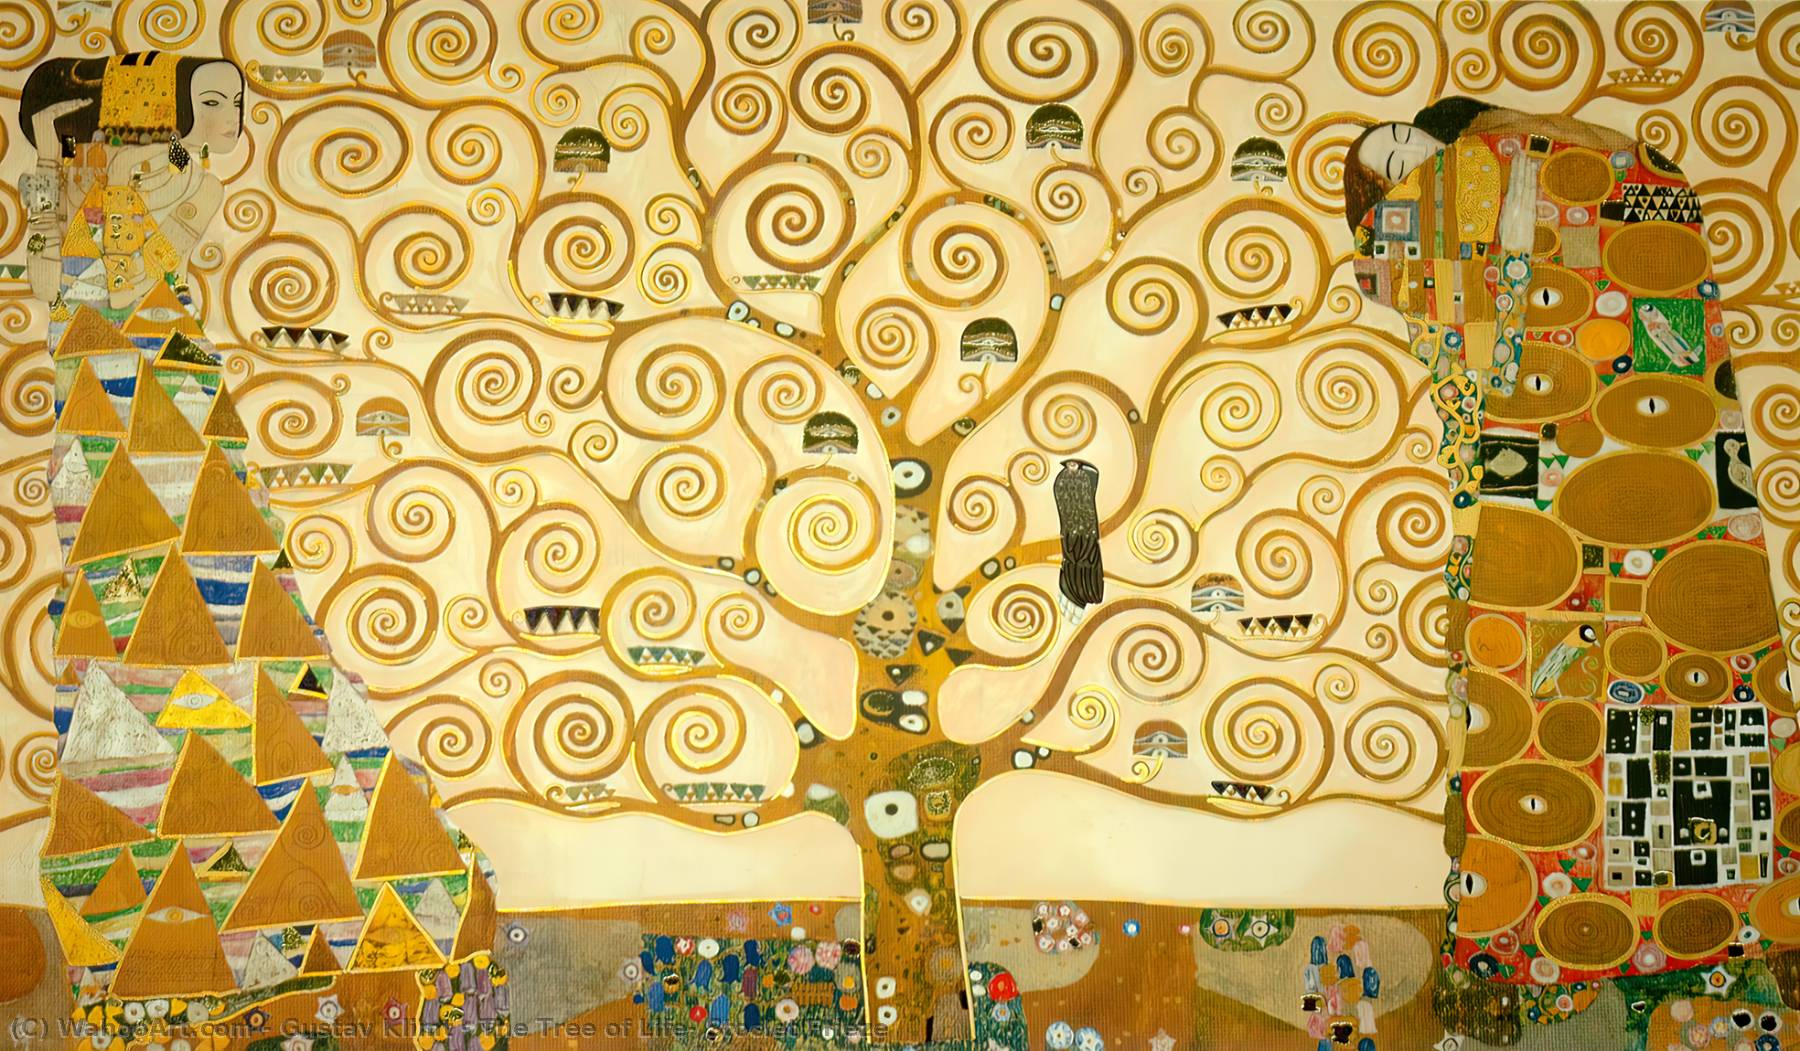 L 39 arbre de la vie stoclet frise 1909 de gustav klimt for Biographie de klimt